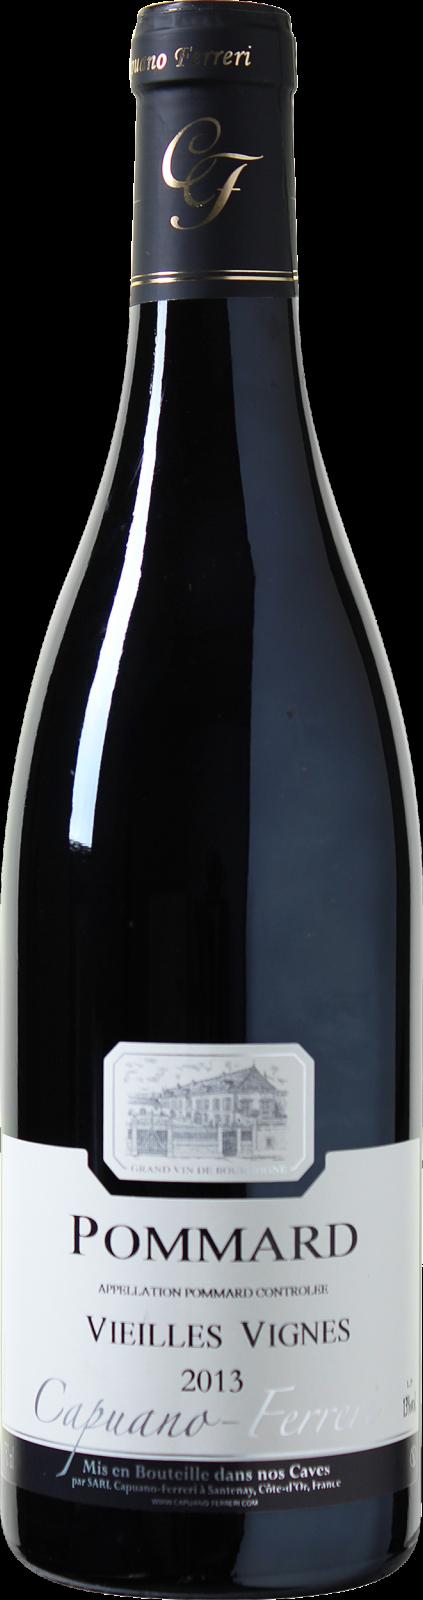 Capuano-Ferreri Vieilles Vignes Pommard